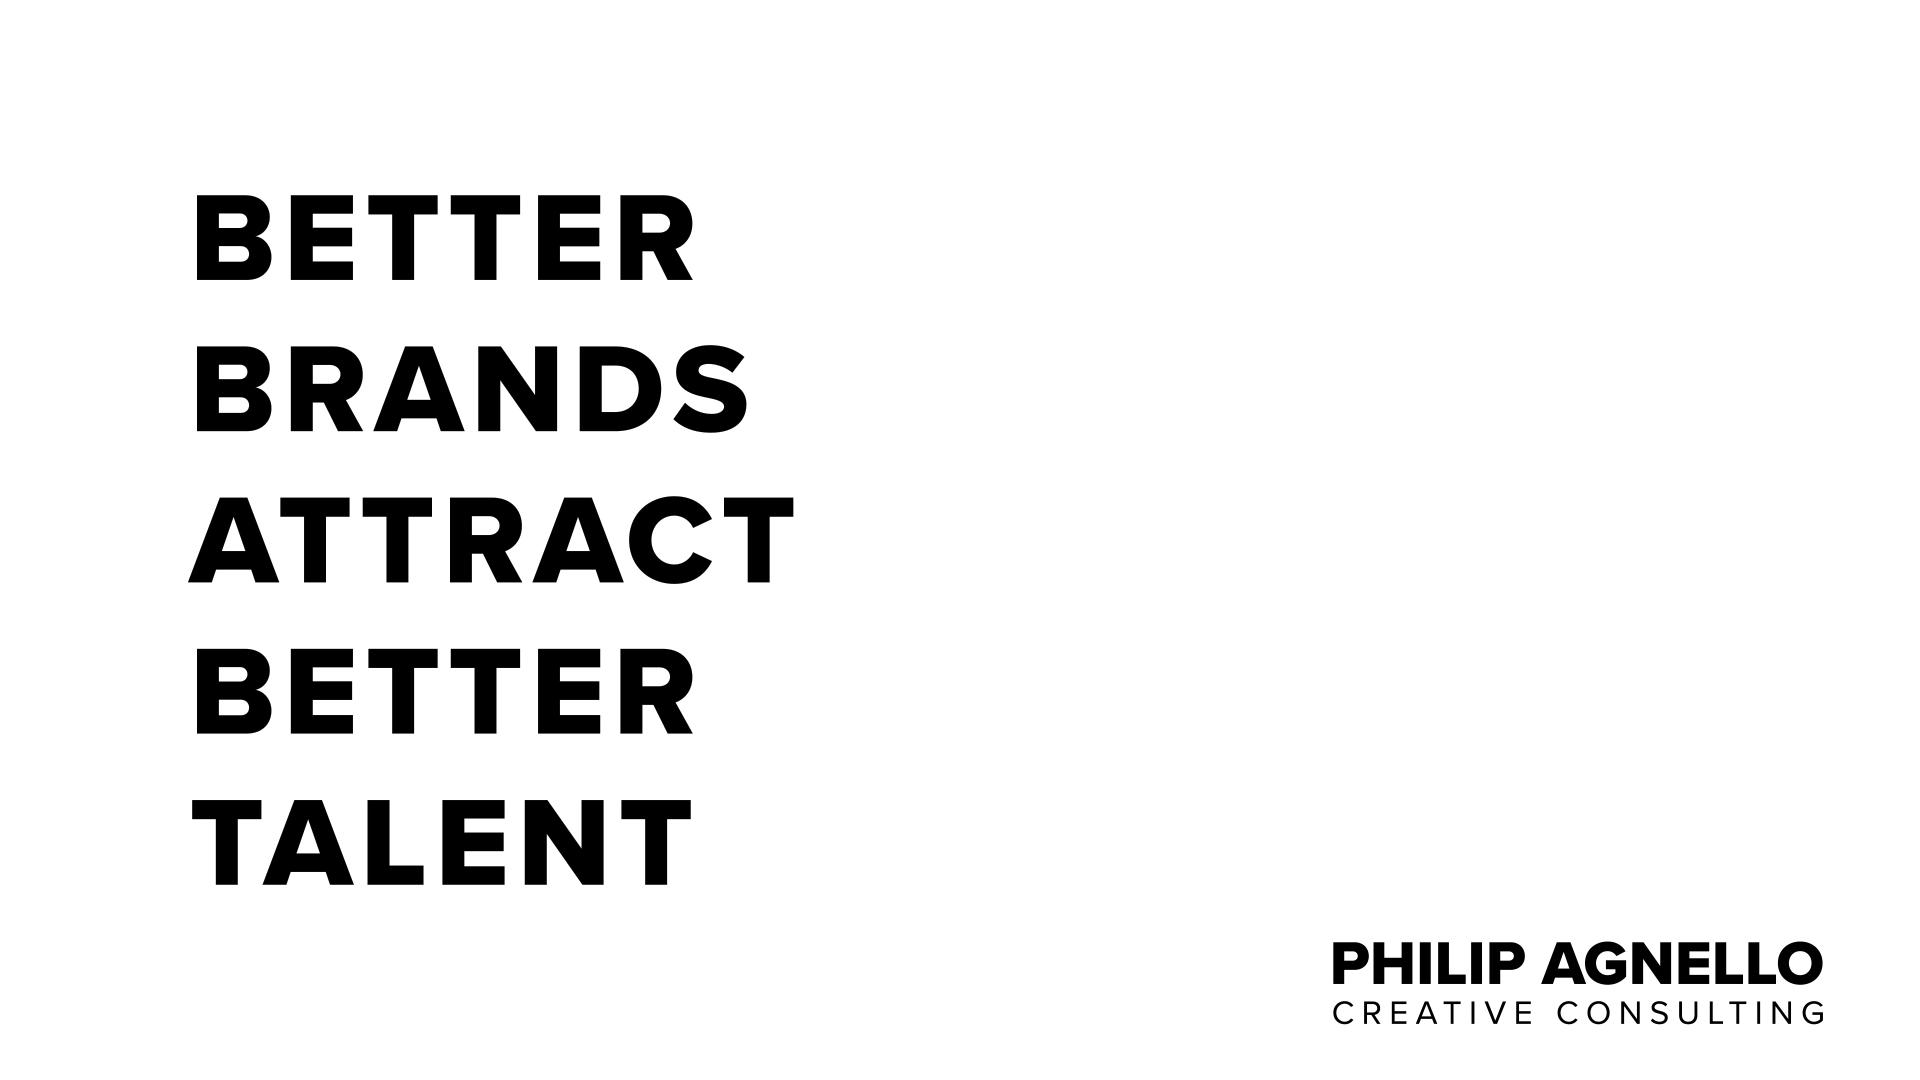 Title: Better Brands Attract Better Talent